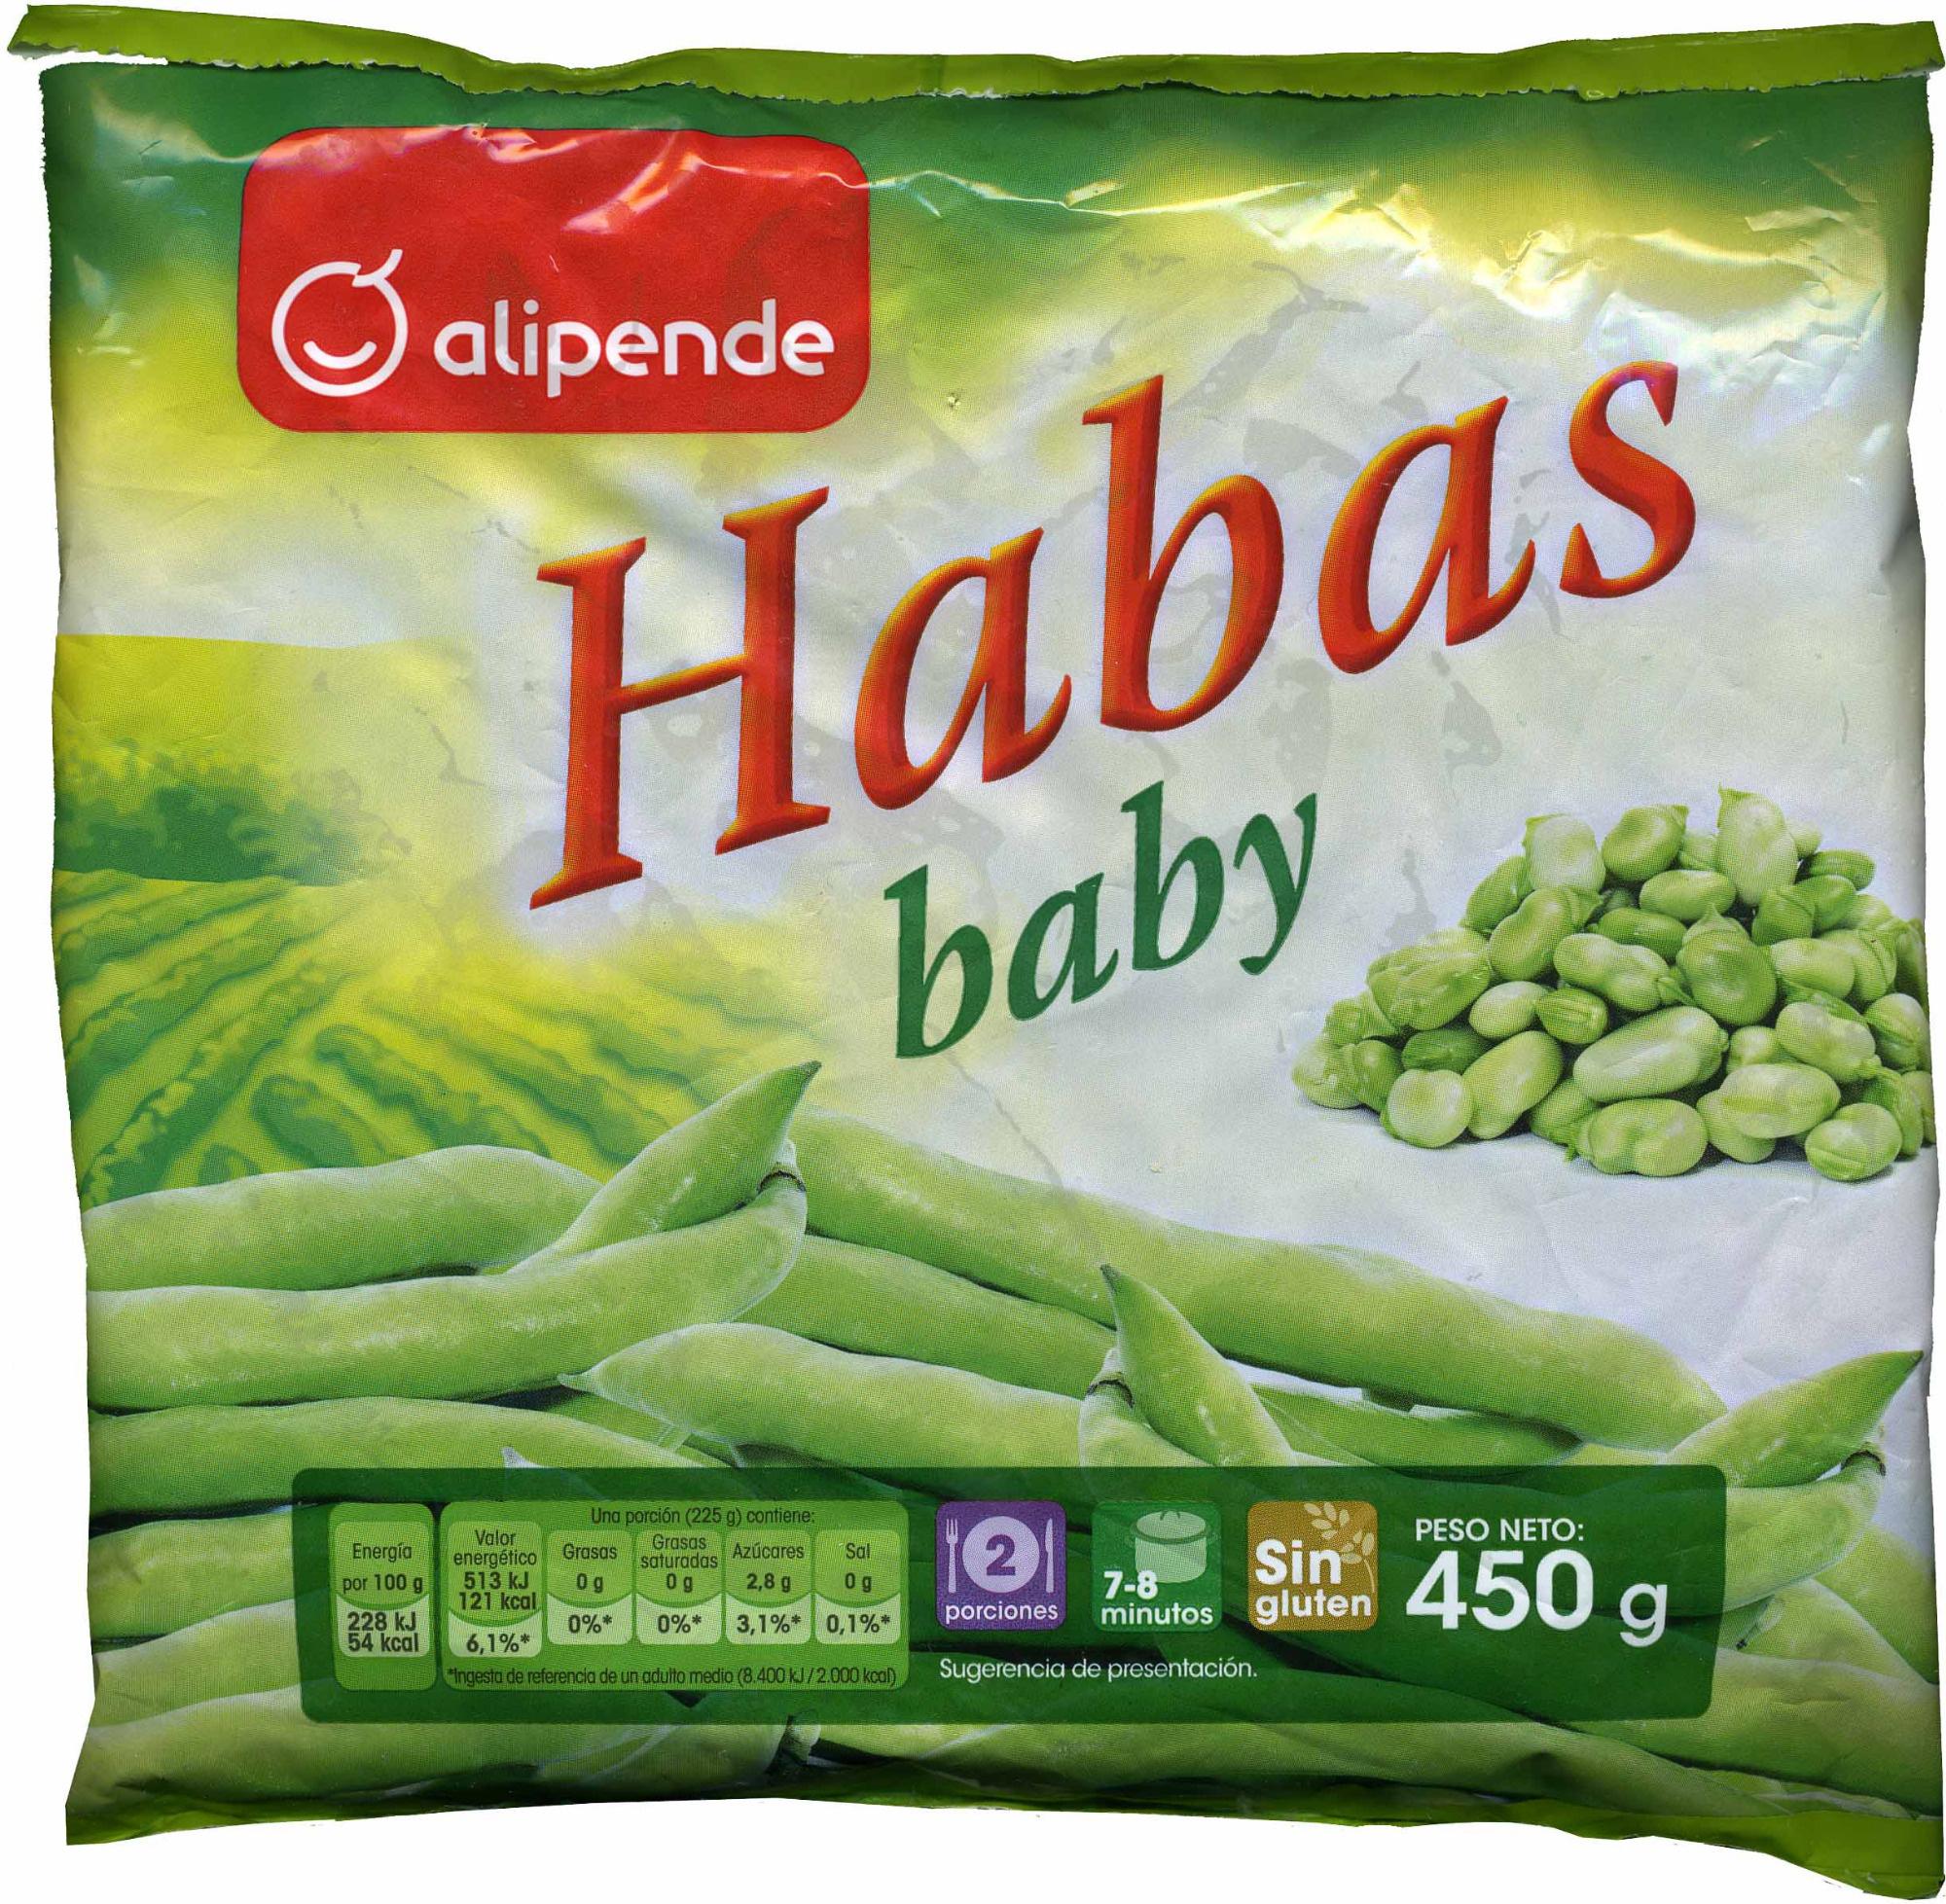 Habas baby alipende - Producto